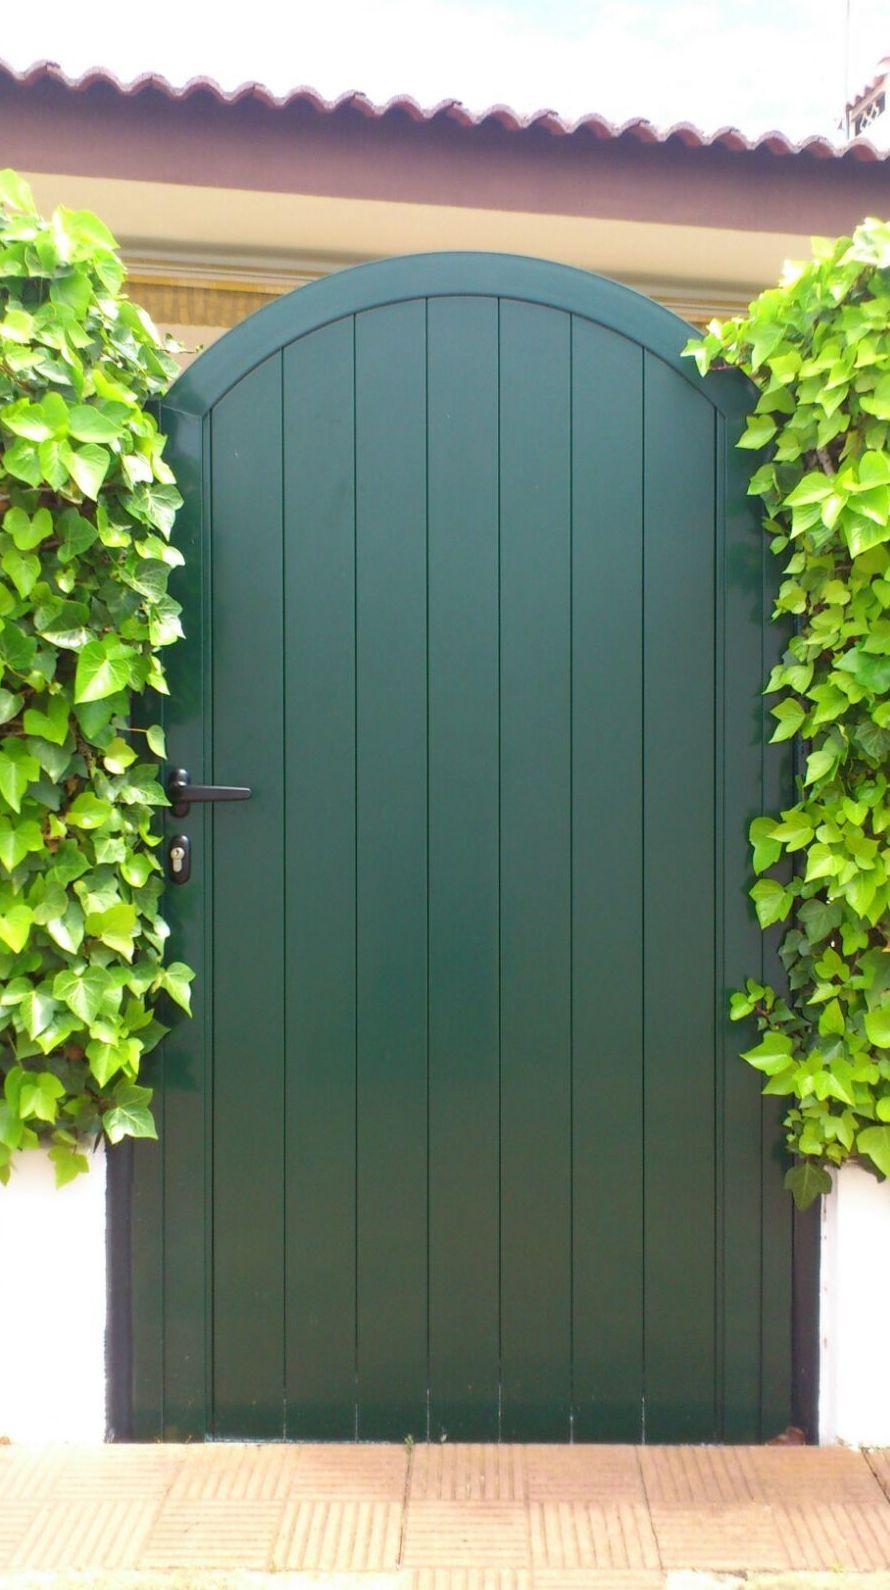 Arcos de madera para puertas opciones mltiples para dar for Puertas para jardin